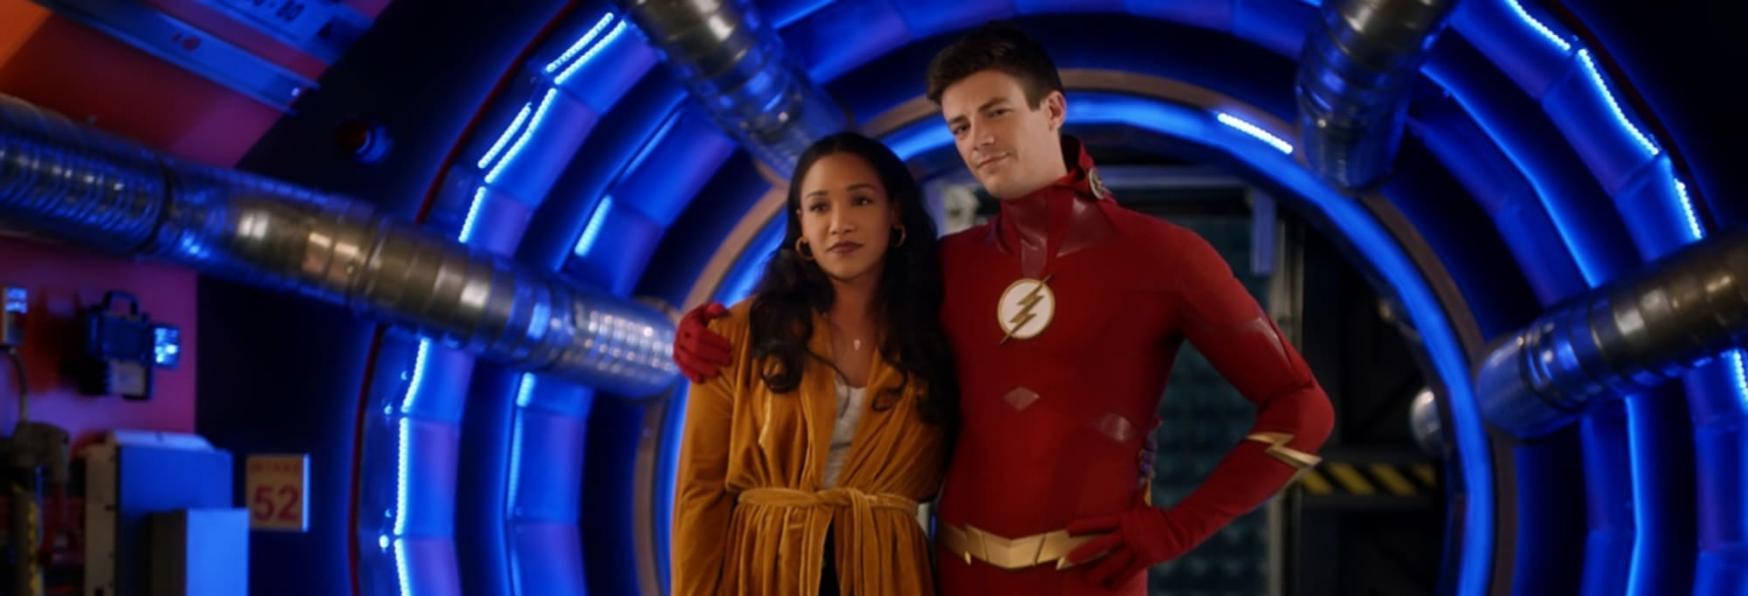 The Flash 8: Confermato il Ritorno di tre Attori nella nuova Stagione della Serie TV